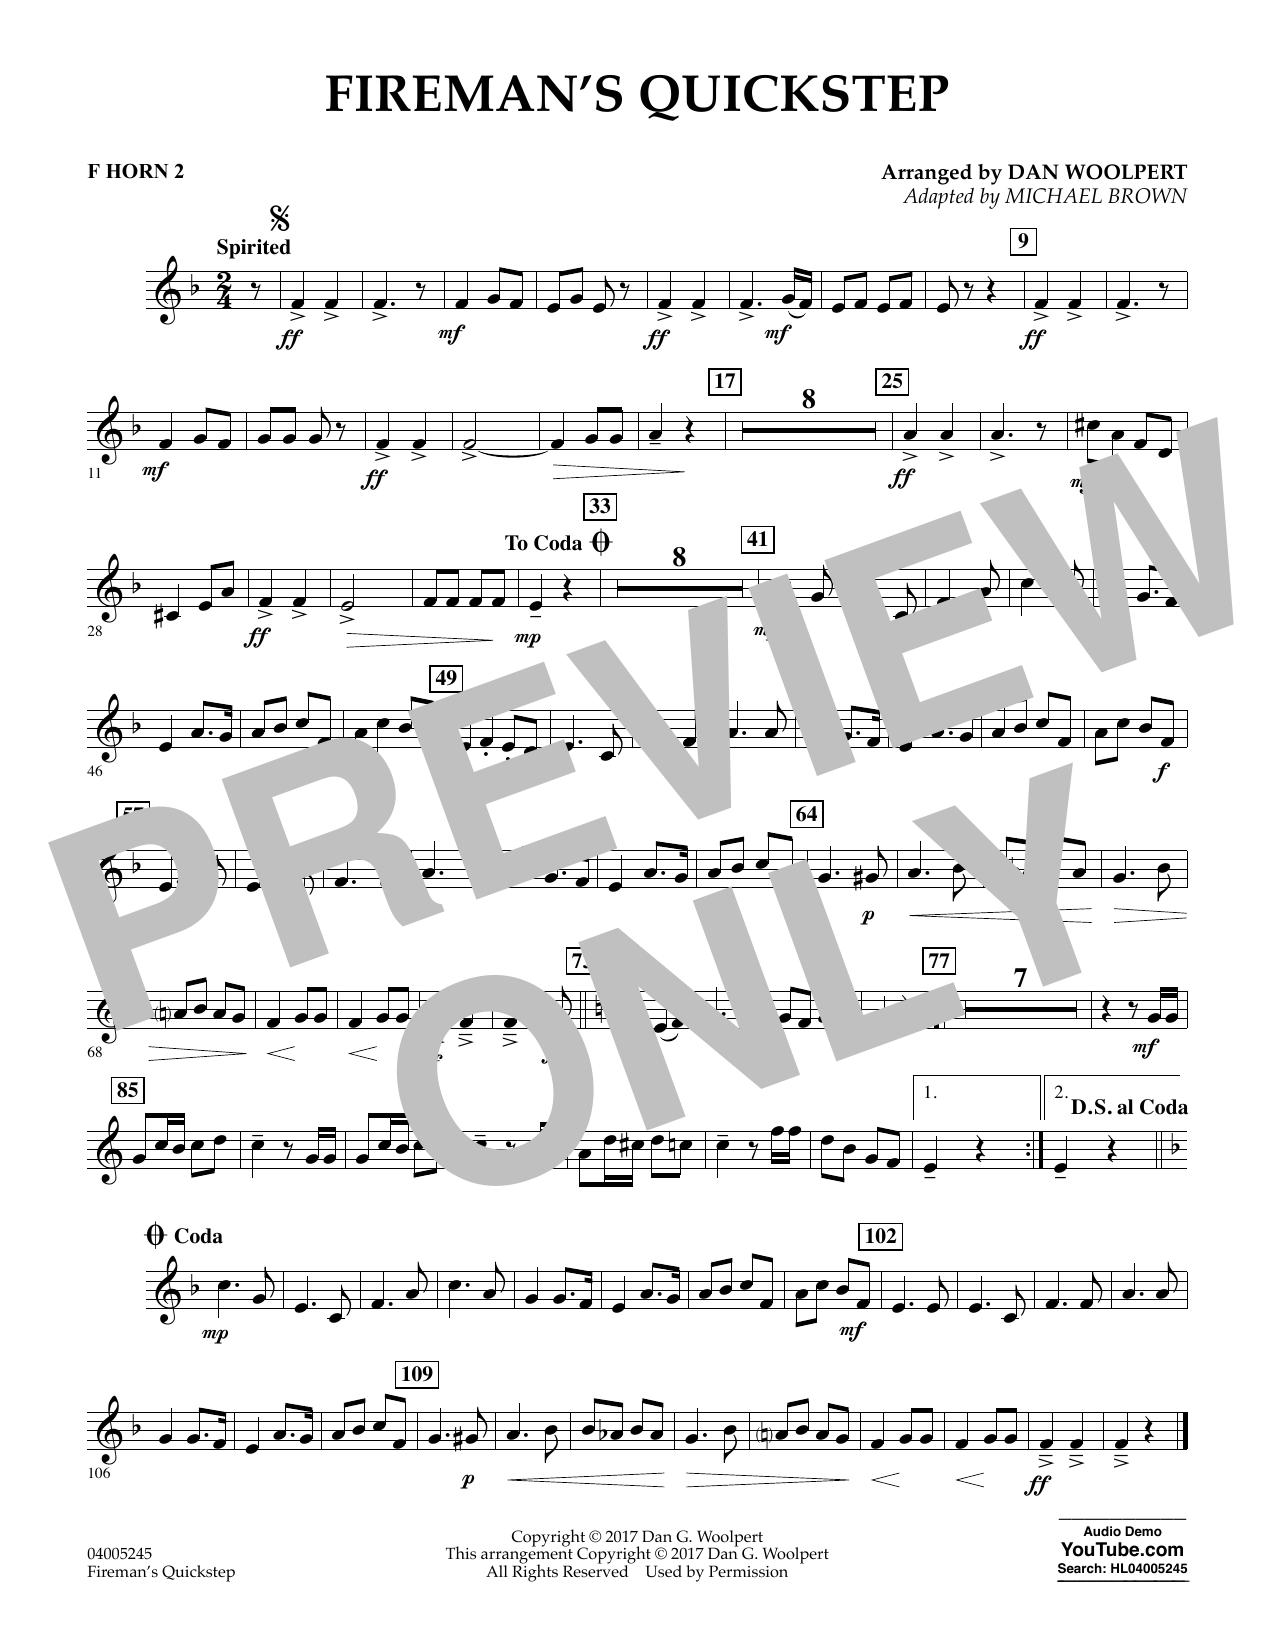 Fireman's Quickstep - F Horn 2 (Concert Band)